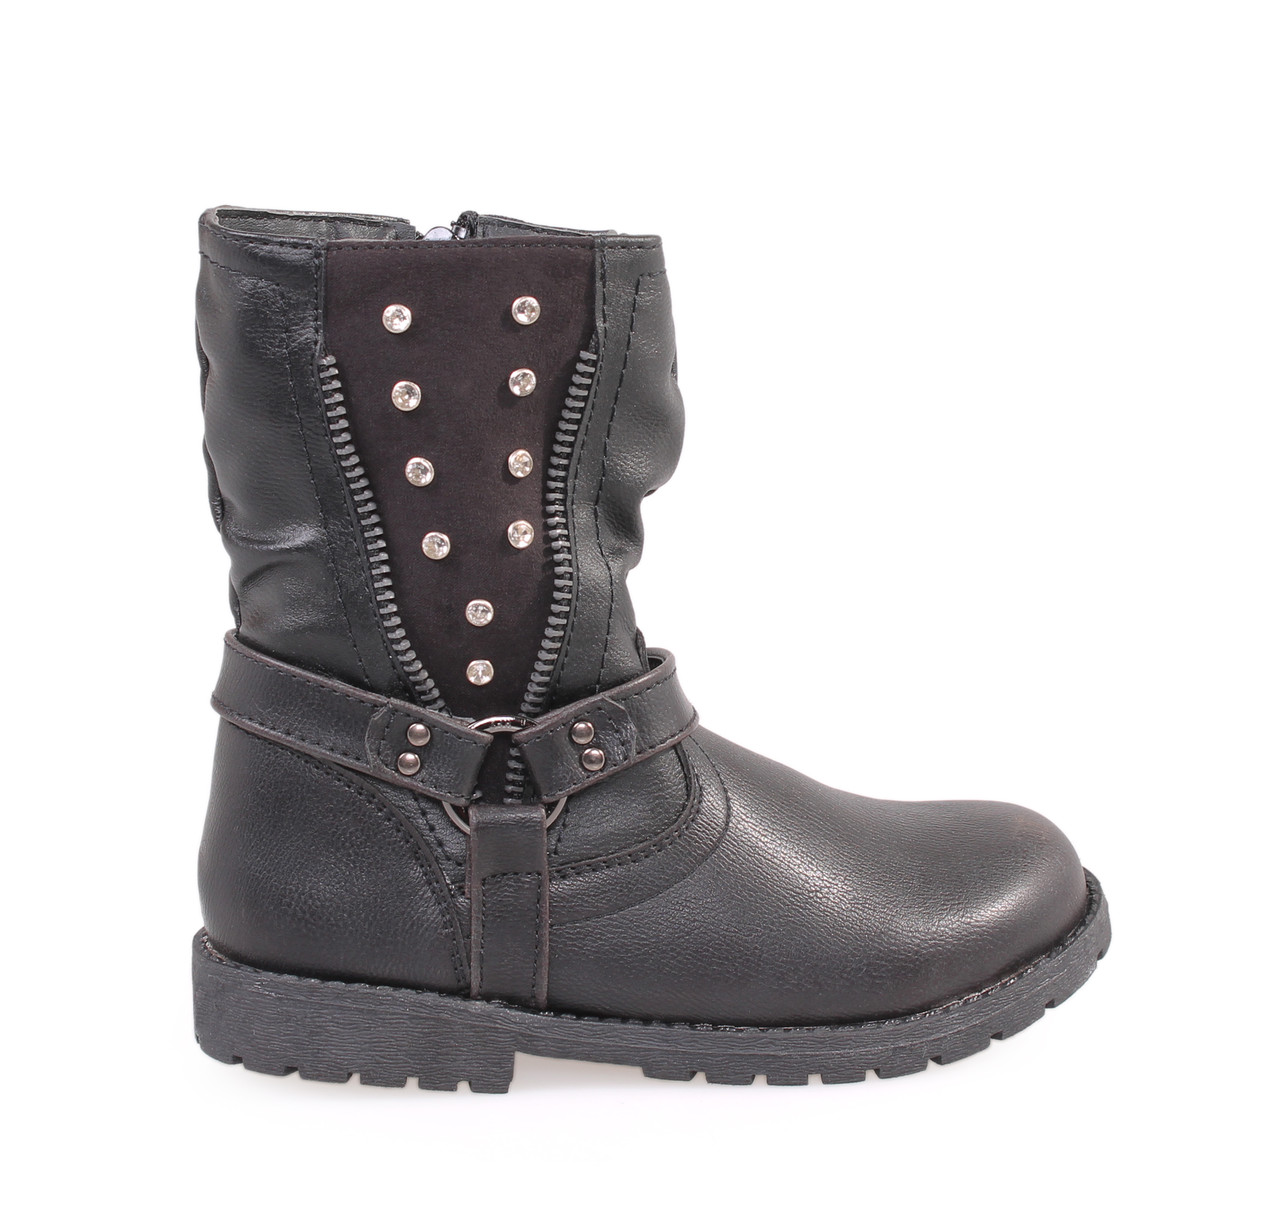 Παιδικά   Κορίτσια   Παπούτσια   Μπότες   ΠΑΙΔΙΚΕΣ ΜΠΟΤΕΣ ΚΟΡΙΤΣΙ ... f28345cb6c4